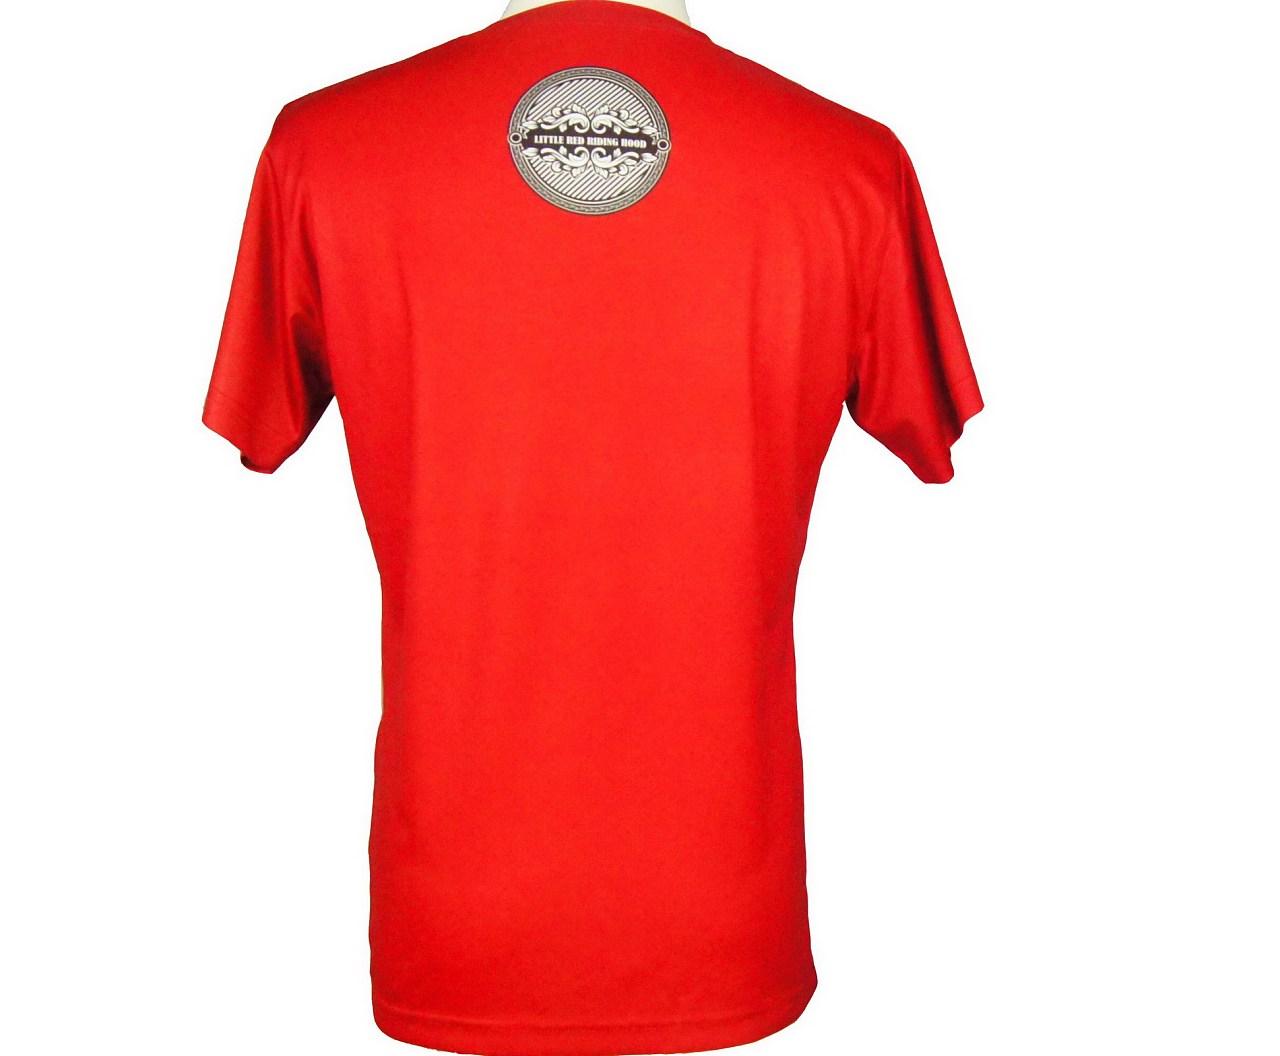 衣_服装 运动衣 1280_1056